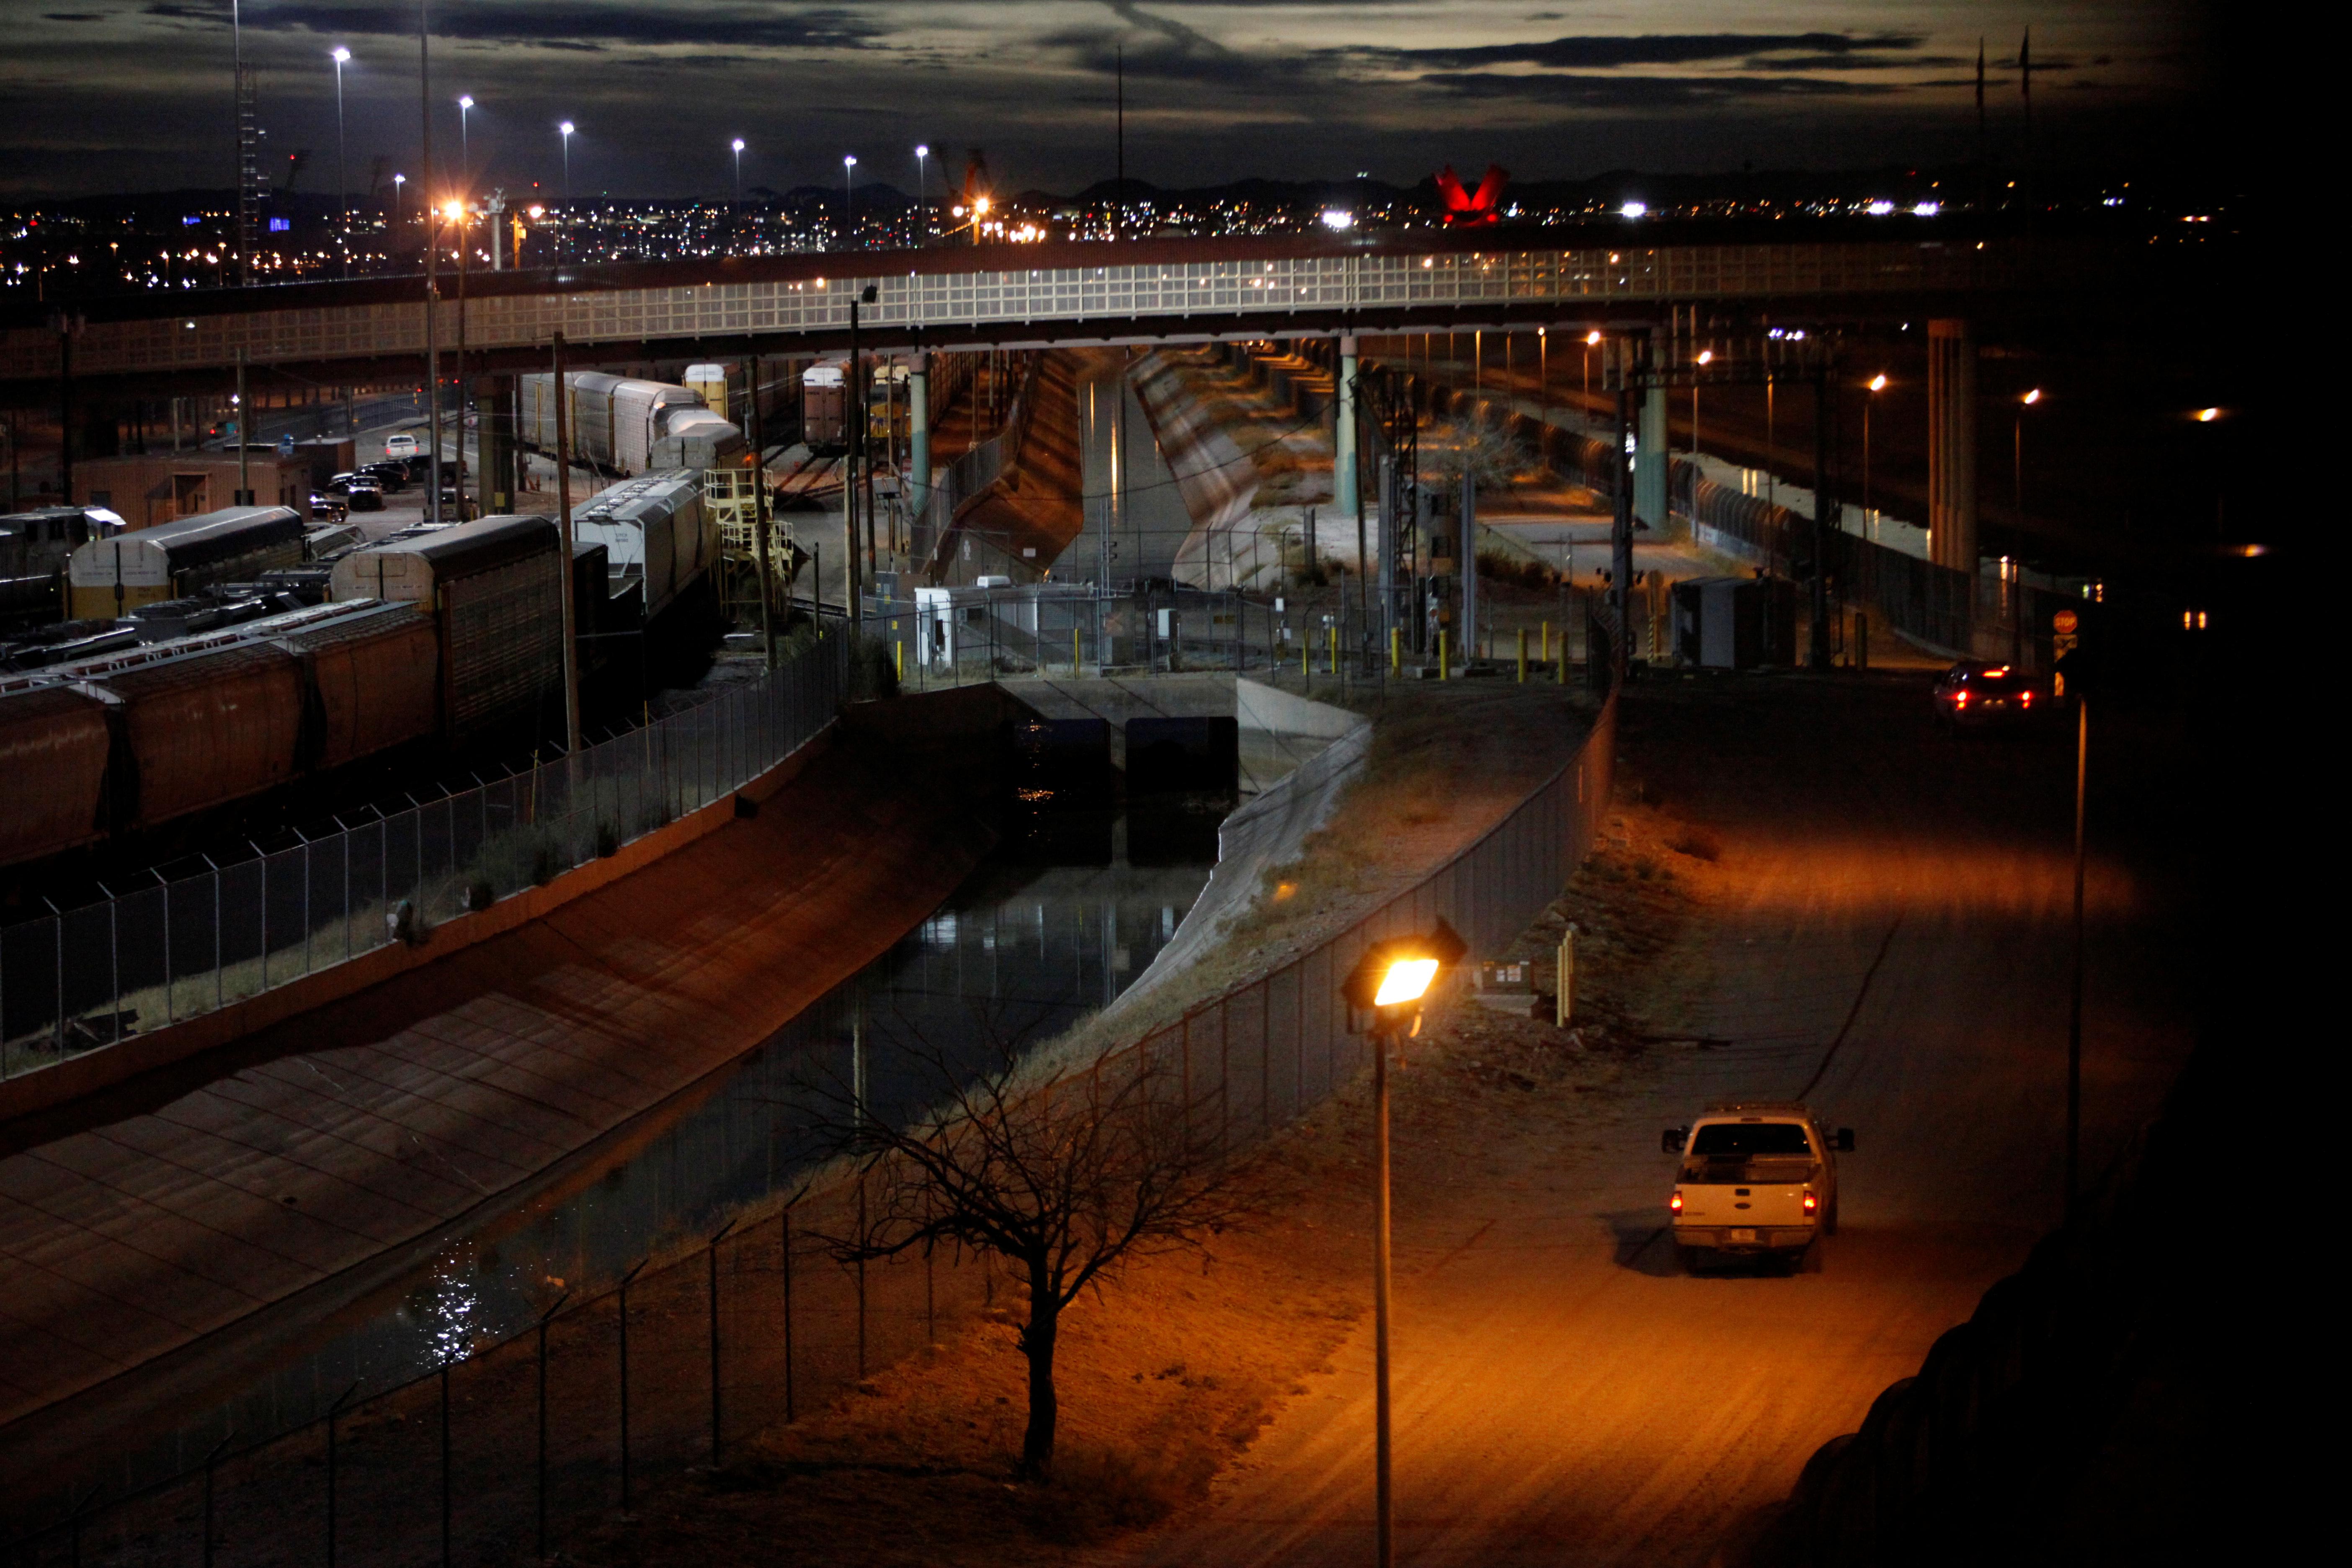 The international border bridge Stanton is seen between El Paso US and Ciudad Juarez in Ciudad Juarez, Mexico